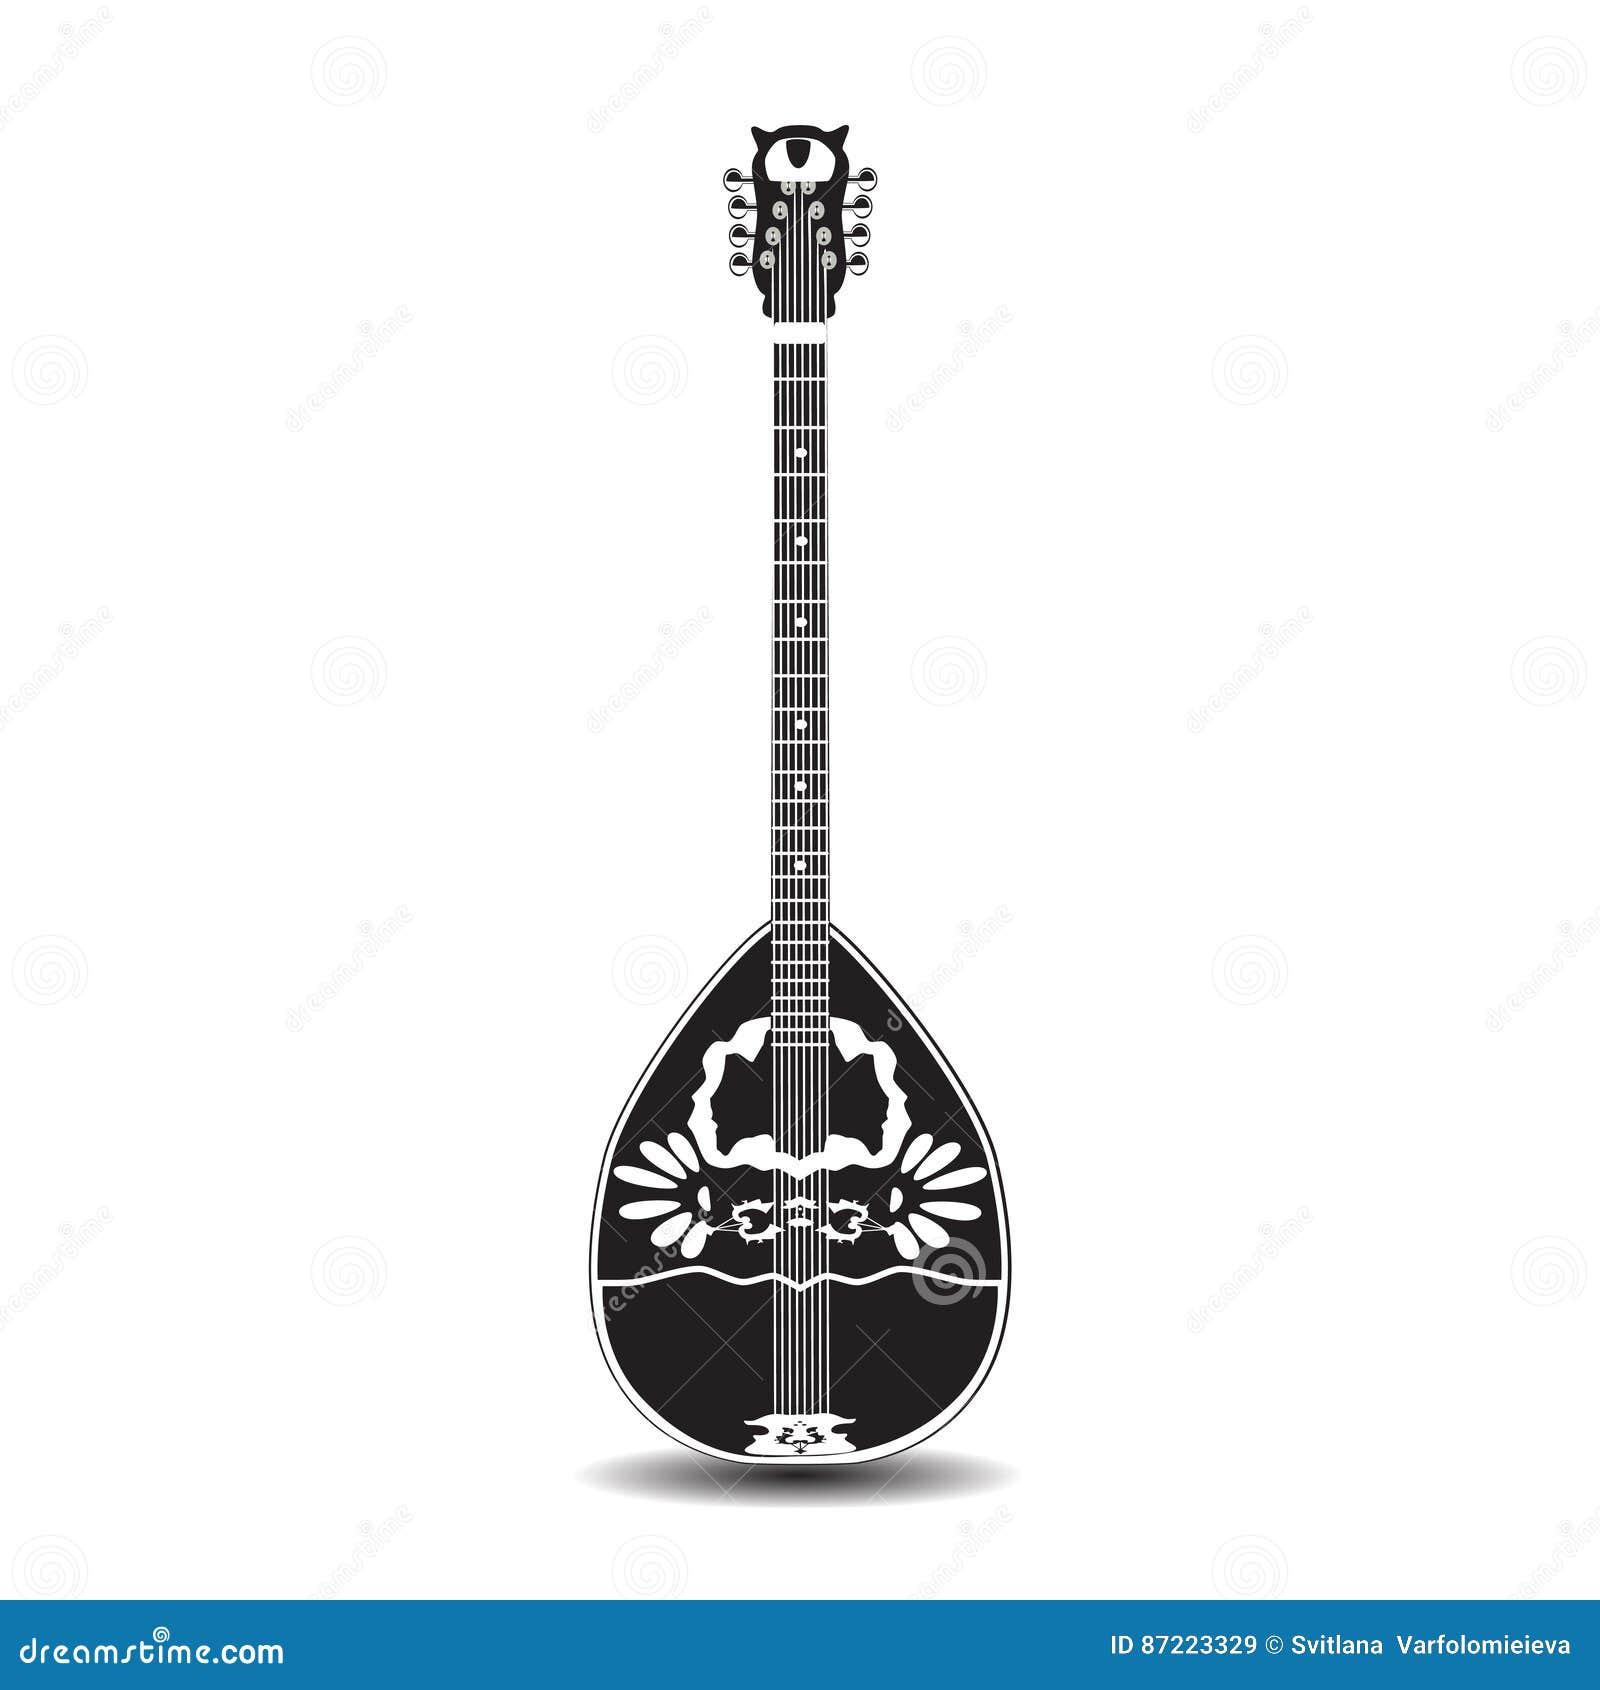 Vector иллюстрация bouzouki, греческого фольклорного музыкального инструмента в плоском стиле